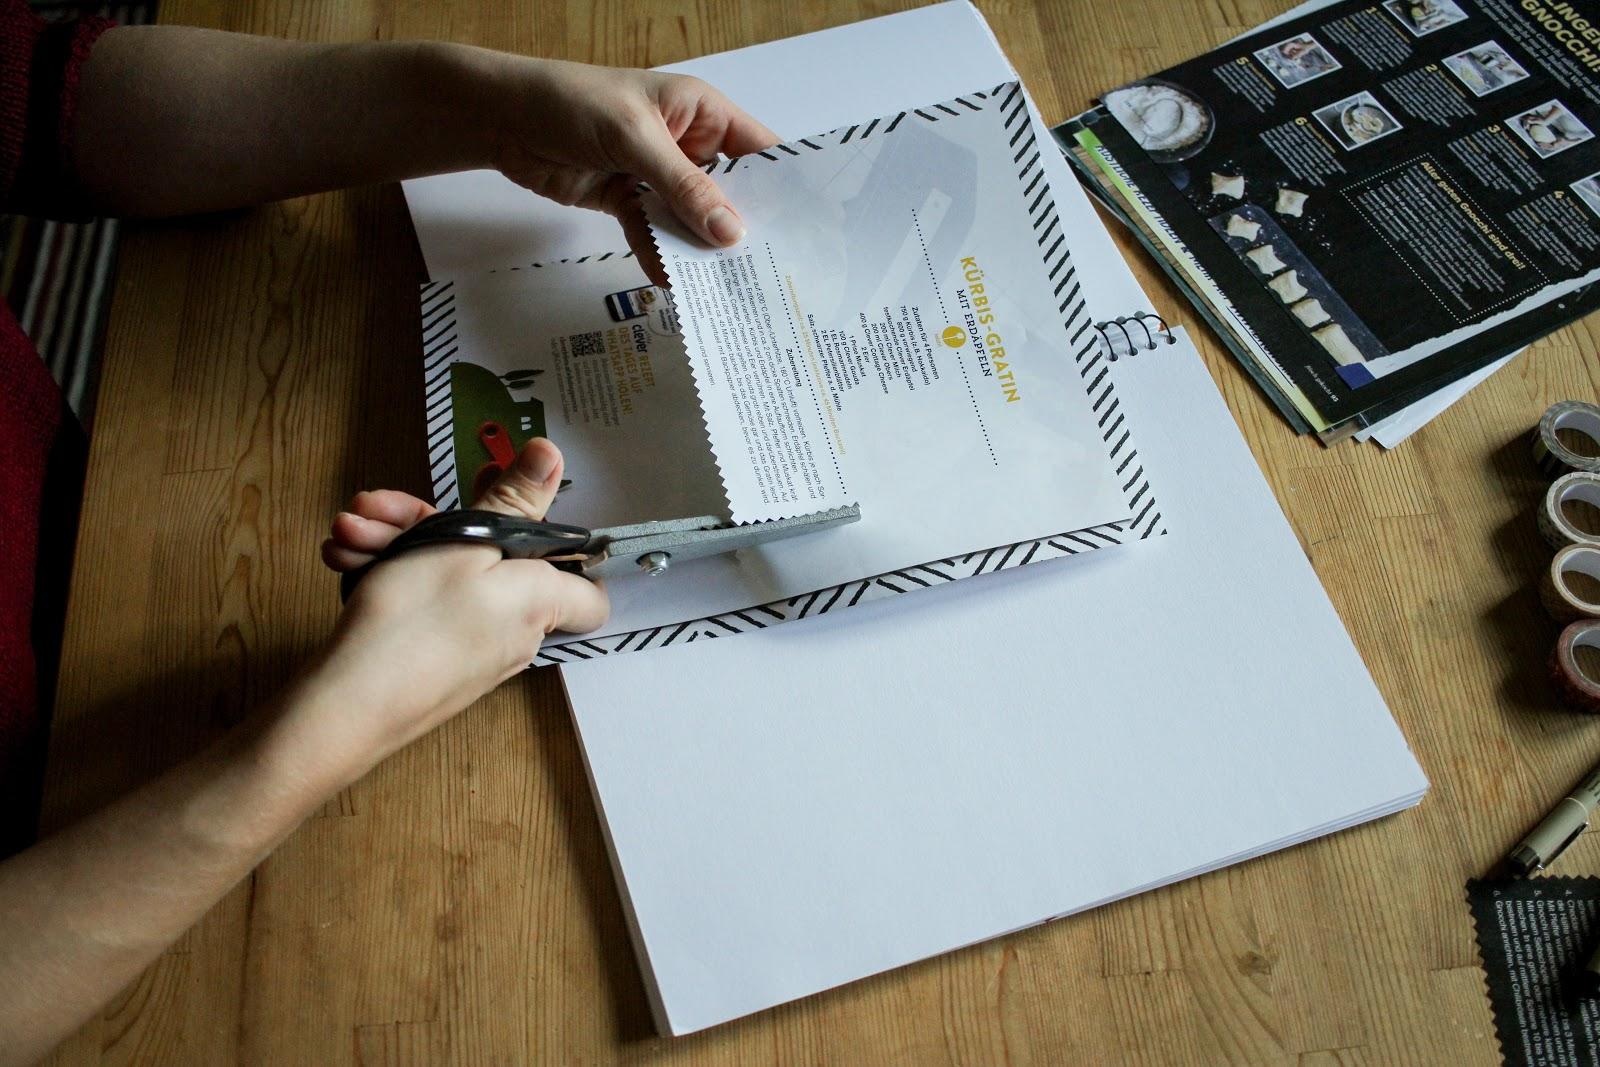 Bastelideen mit Washi Tape // DIY Kochbuch mit Washi Tape gestalten // Organisieren // Minimalismus // Ordnung muss sein